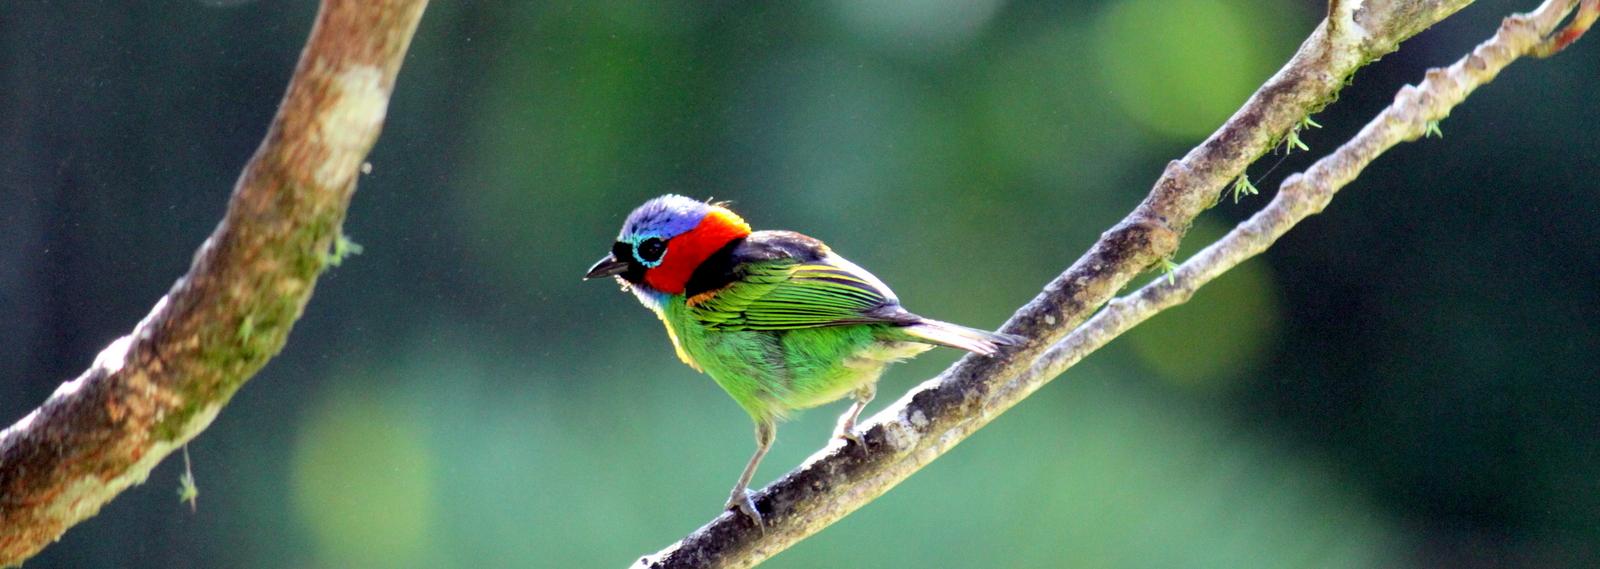 Ubatuba, Bird